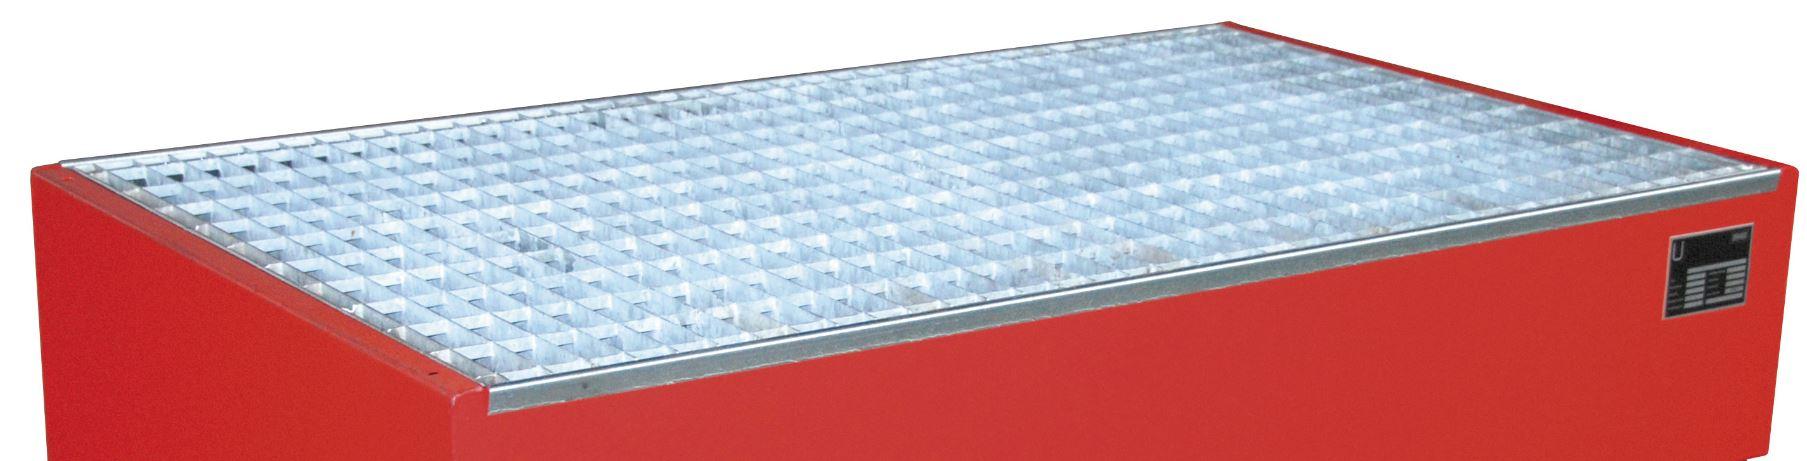 Modul 1 - Gitterrost mit Auflagen f. modulare Auffangwanne MAW